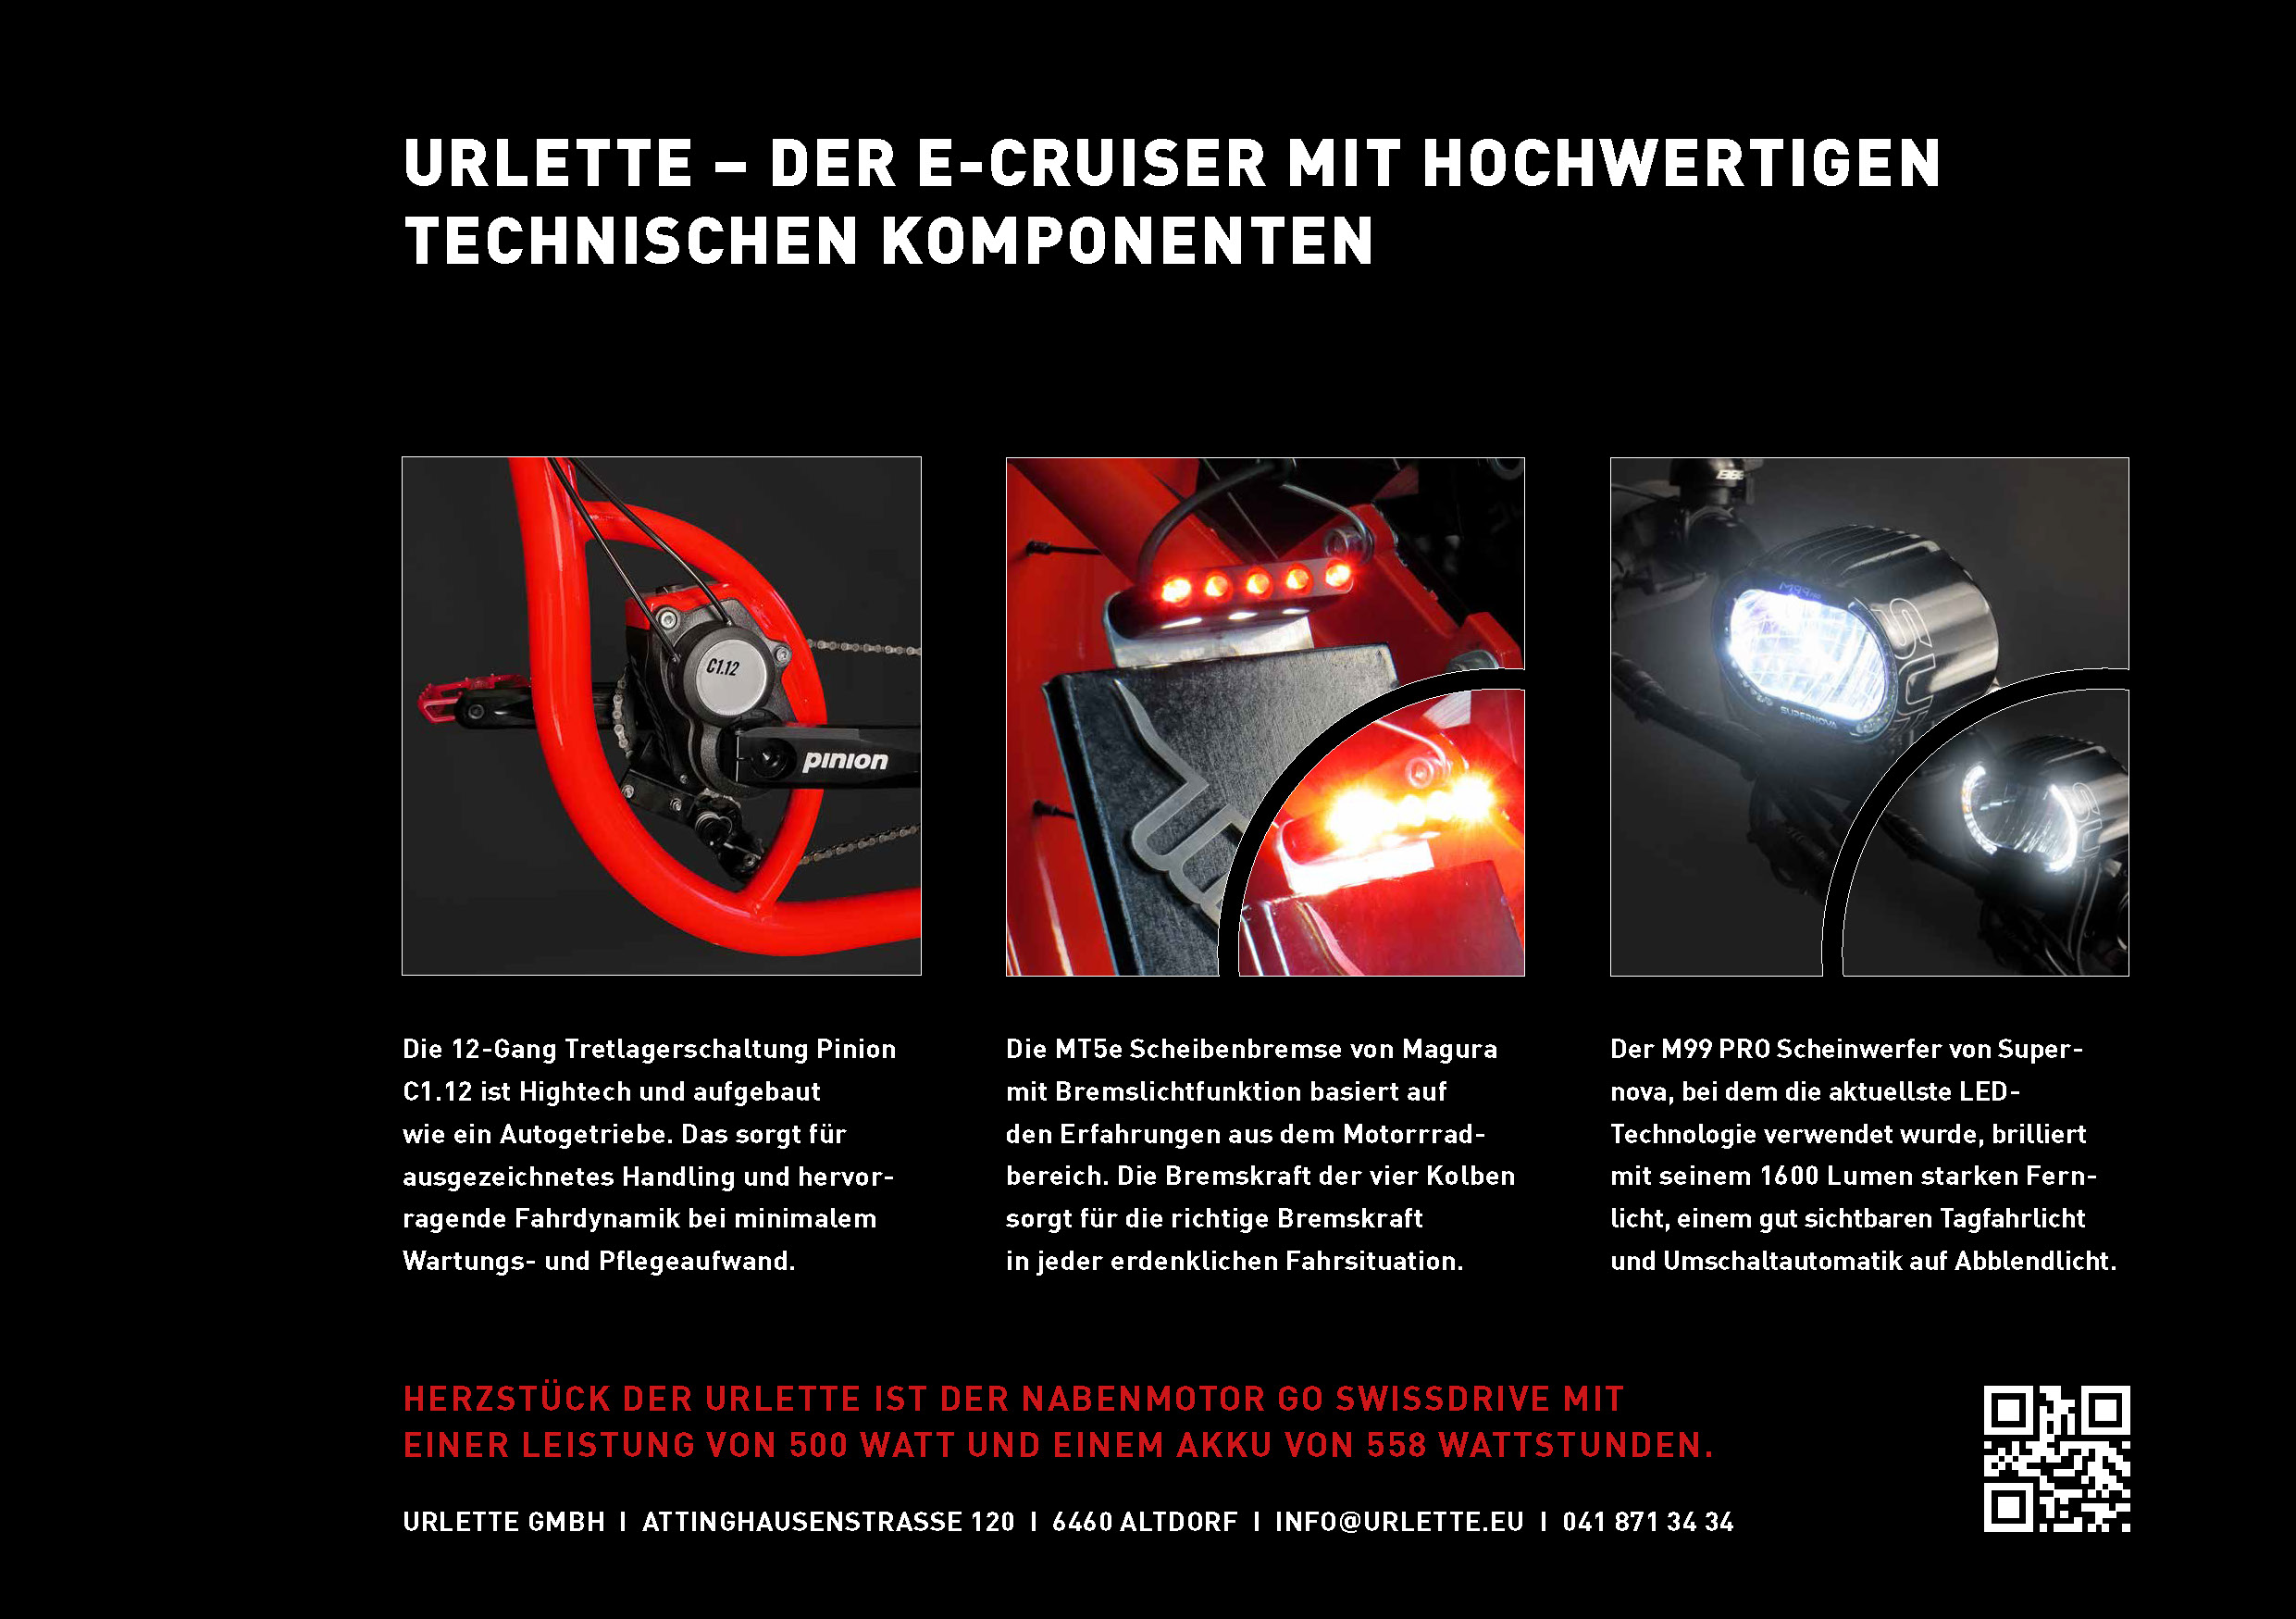 Meier & Kamer Produktfotografie: Urlette